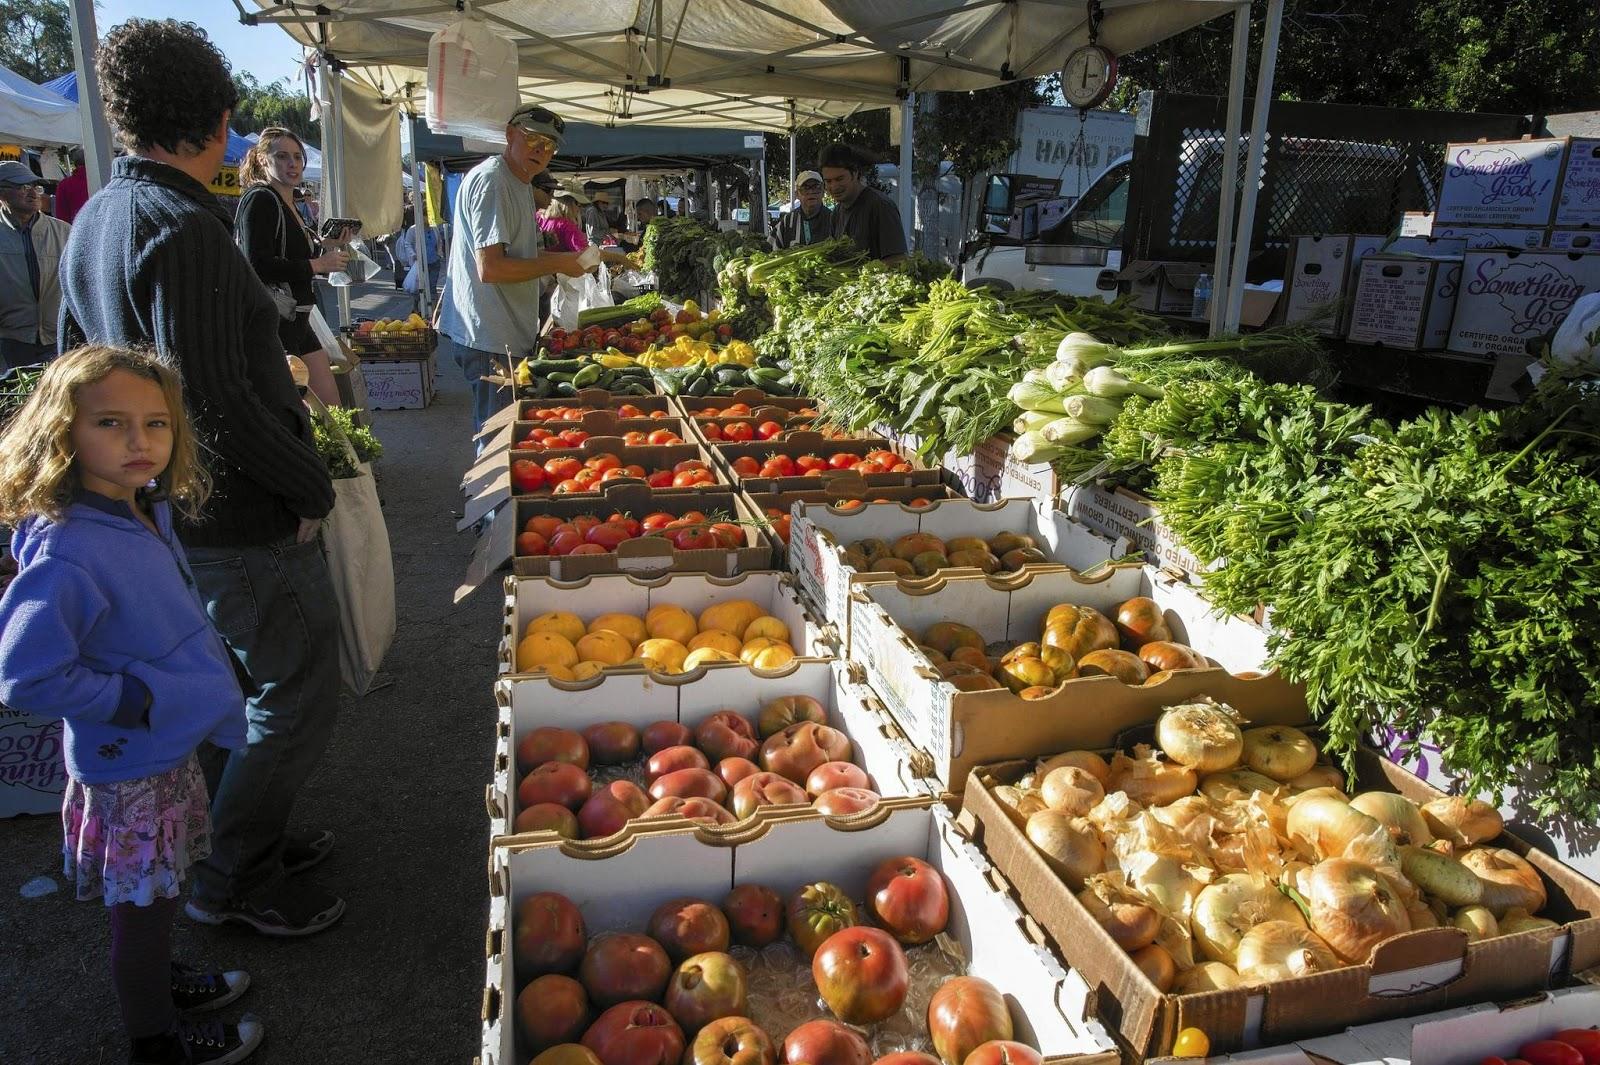 Chợ Los Angeles nằm ở góc đường Third và Fairfax - nơi trao đổi rau củ quả tươi của nông dân và người địa phương.